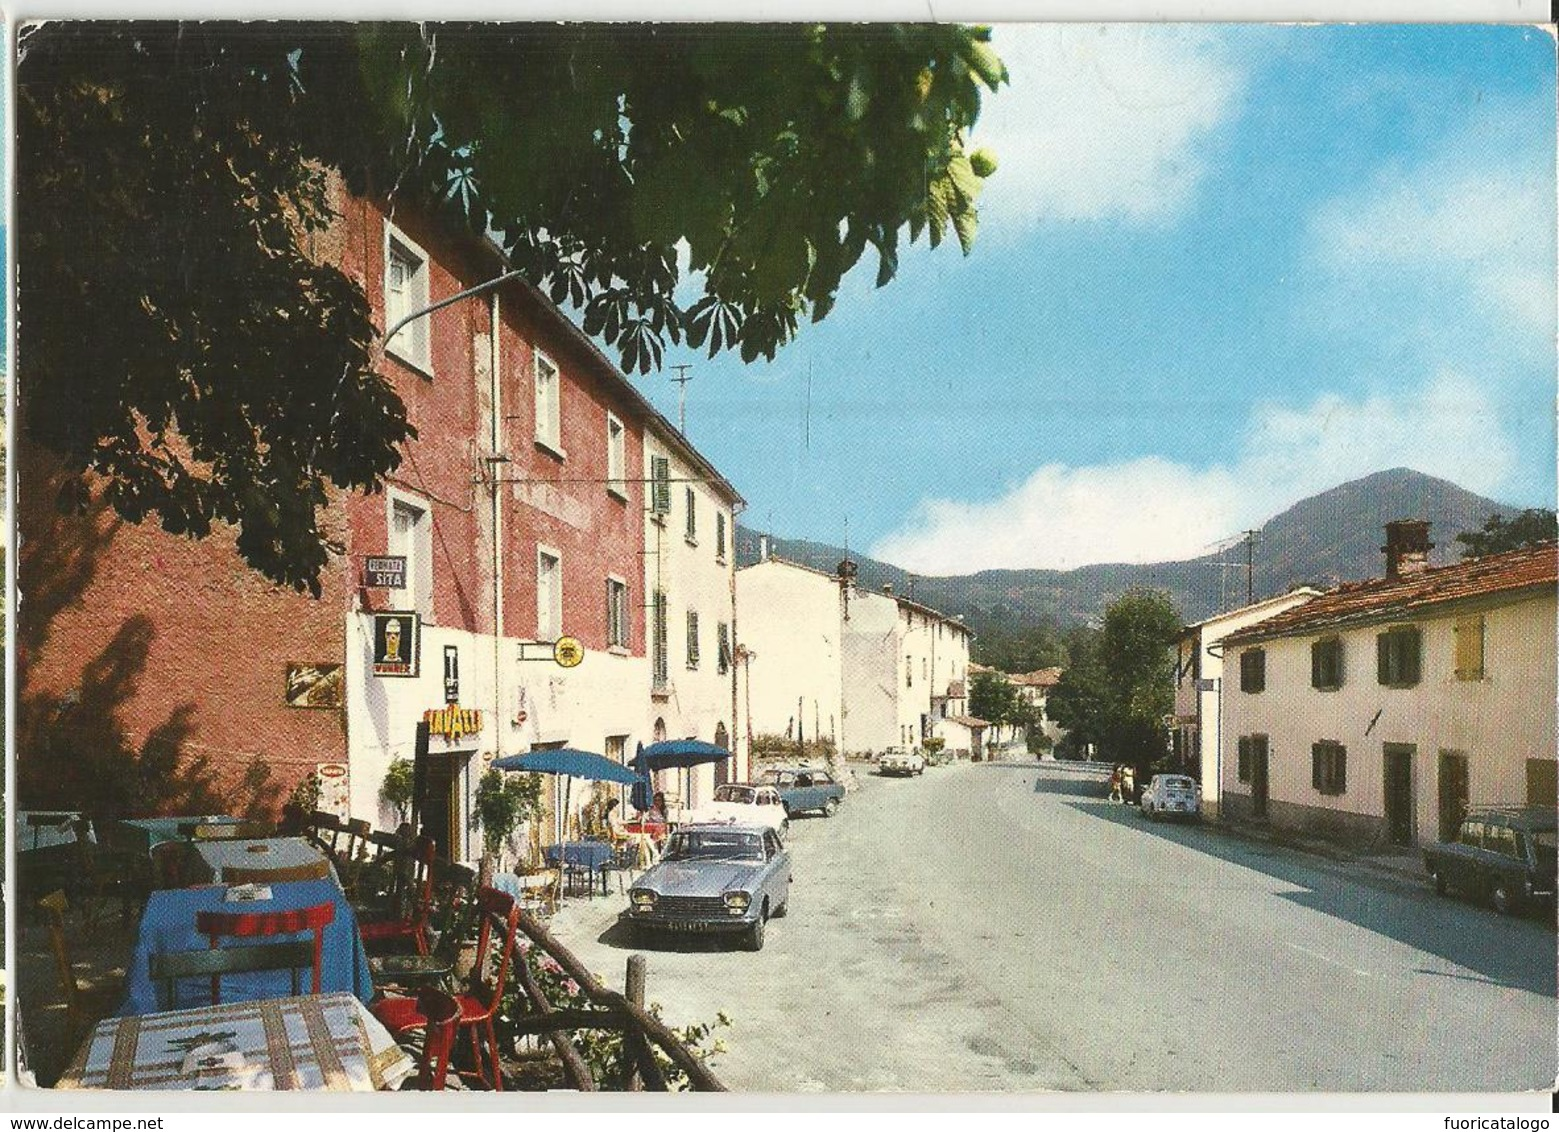 LA TRAVERSA (FIORENZUOLA-FIRENZE) BAR TABACCHI RISTORANTE -STRADA BOLOGNESE  -FG - Firenze